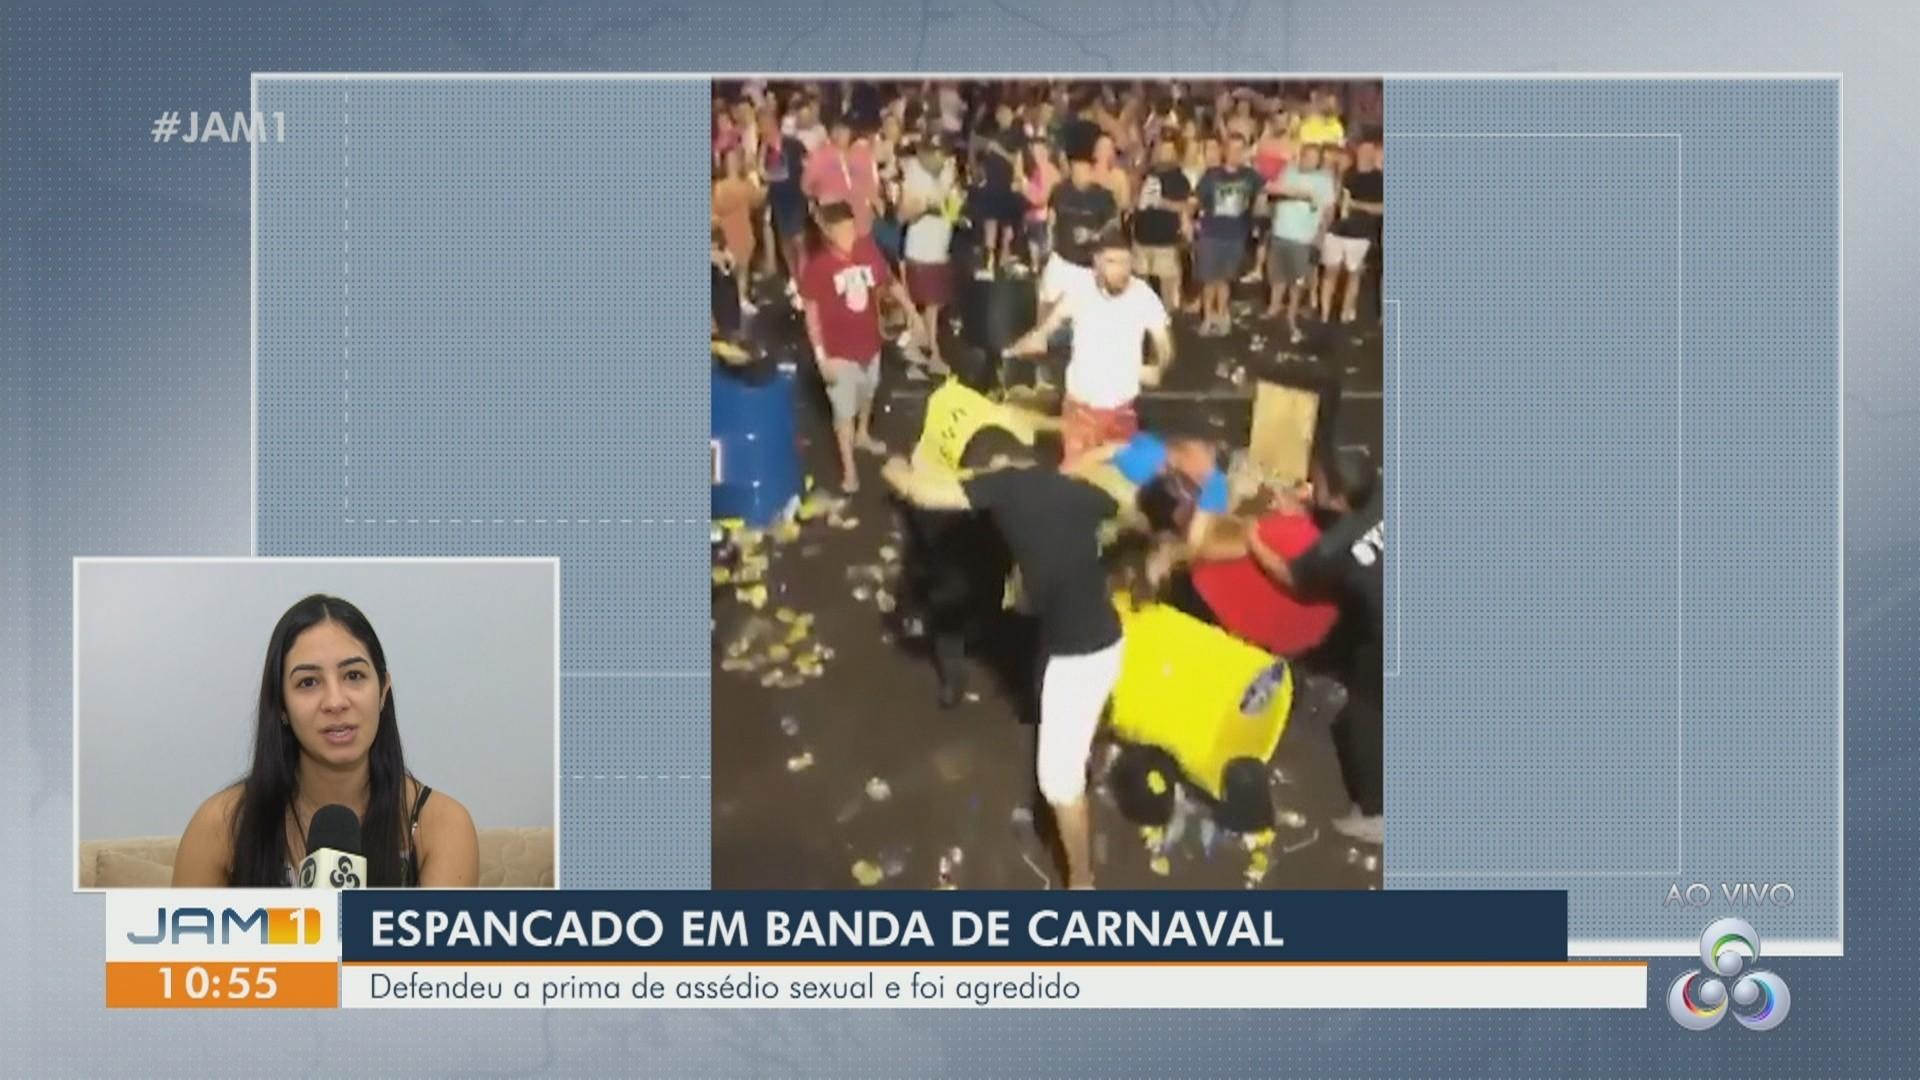 VÍDEOS: SSP apresenta resultado de operação no Carnaval; veja destaques do JAM 1